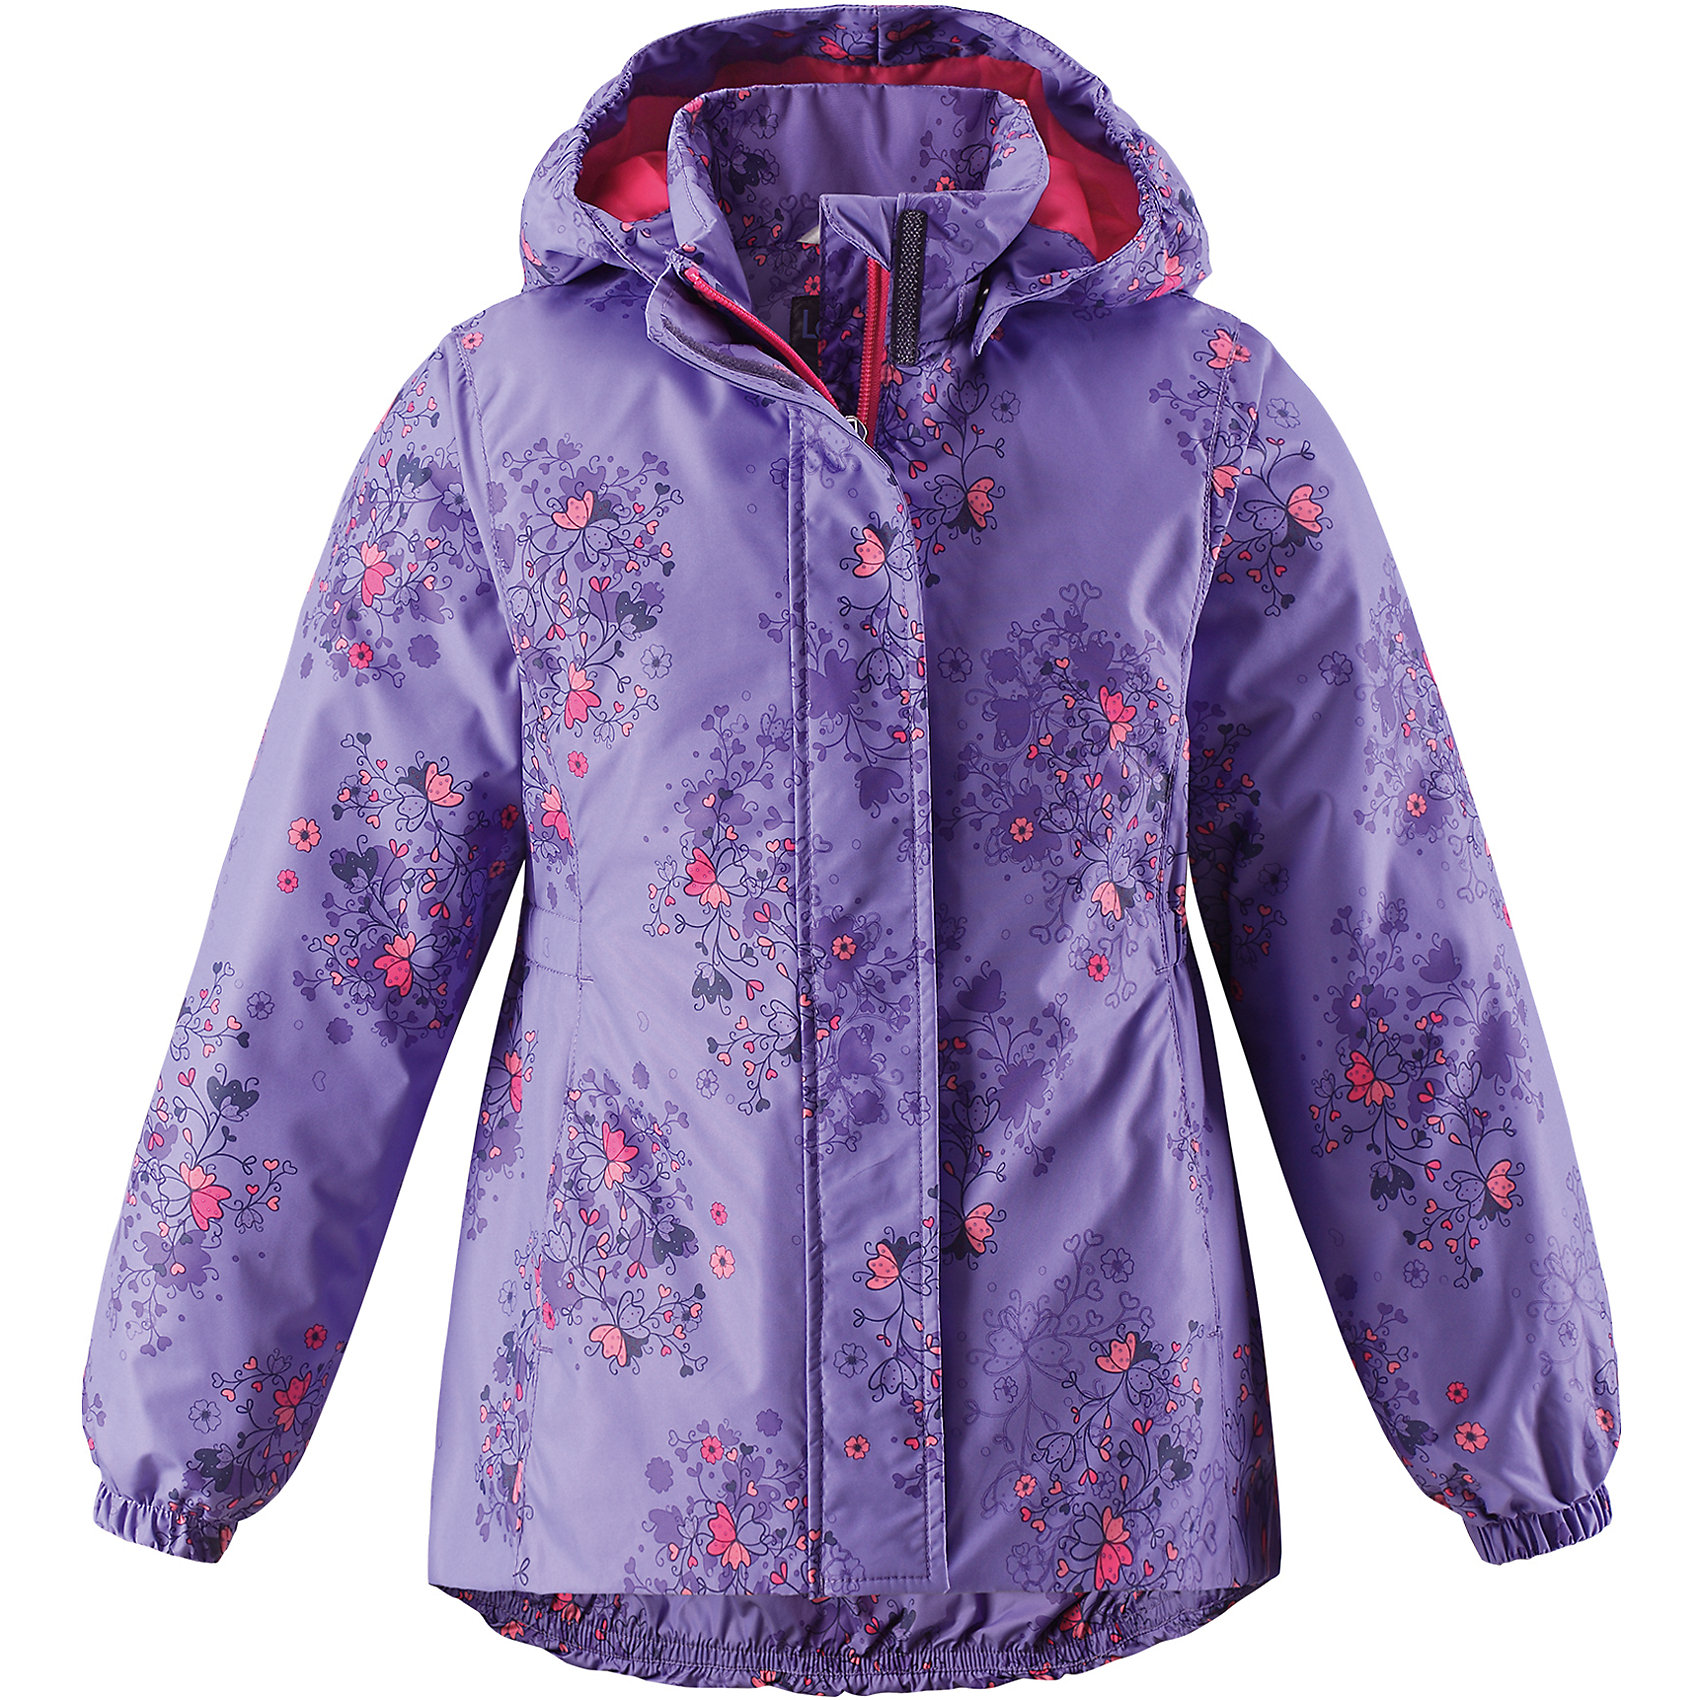 Куртка  LASSIEКуртка  LASSIE<br>Состав:<br>100% Полиэстер, полиуретановое покрытие<br> Куртка для детей.<br> Водоотталкивающий, ветронепроницаемый и «дышащий» материал.<br> Крой для девочек.<br> Гладкая подкладка из полиэстра.<br> Легкая степень утепления.<br> Безопасный, съемный капюшон.<br> Эластичные манжеты.<br> Эластичная талия.<br> Эластичная кромка подола.<br> Карманы в боковых швах.<br><br>Ширина мм: 356<br>Глубина мм: 10<br>Высота мм: 245<br>Вес г: 519<br>Цвет: фиолетовый<br>Возраст от месяцев: 60<br>Возраст до месяцев: 72<br>Пол: Женский<br>Возраст: Детский<br>Размер: 116,110,104,98,92,134,128,140,122<br>SKU: 5264990